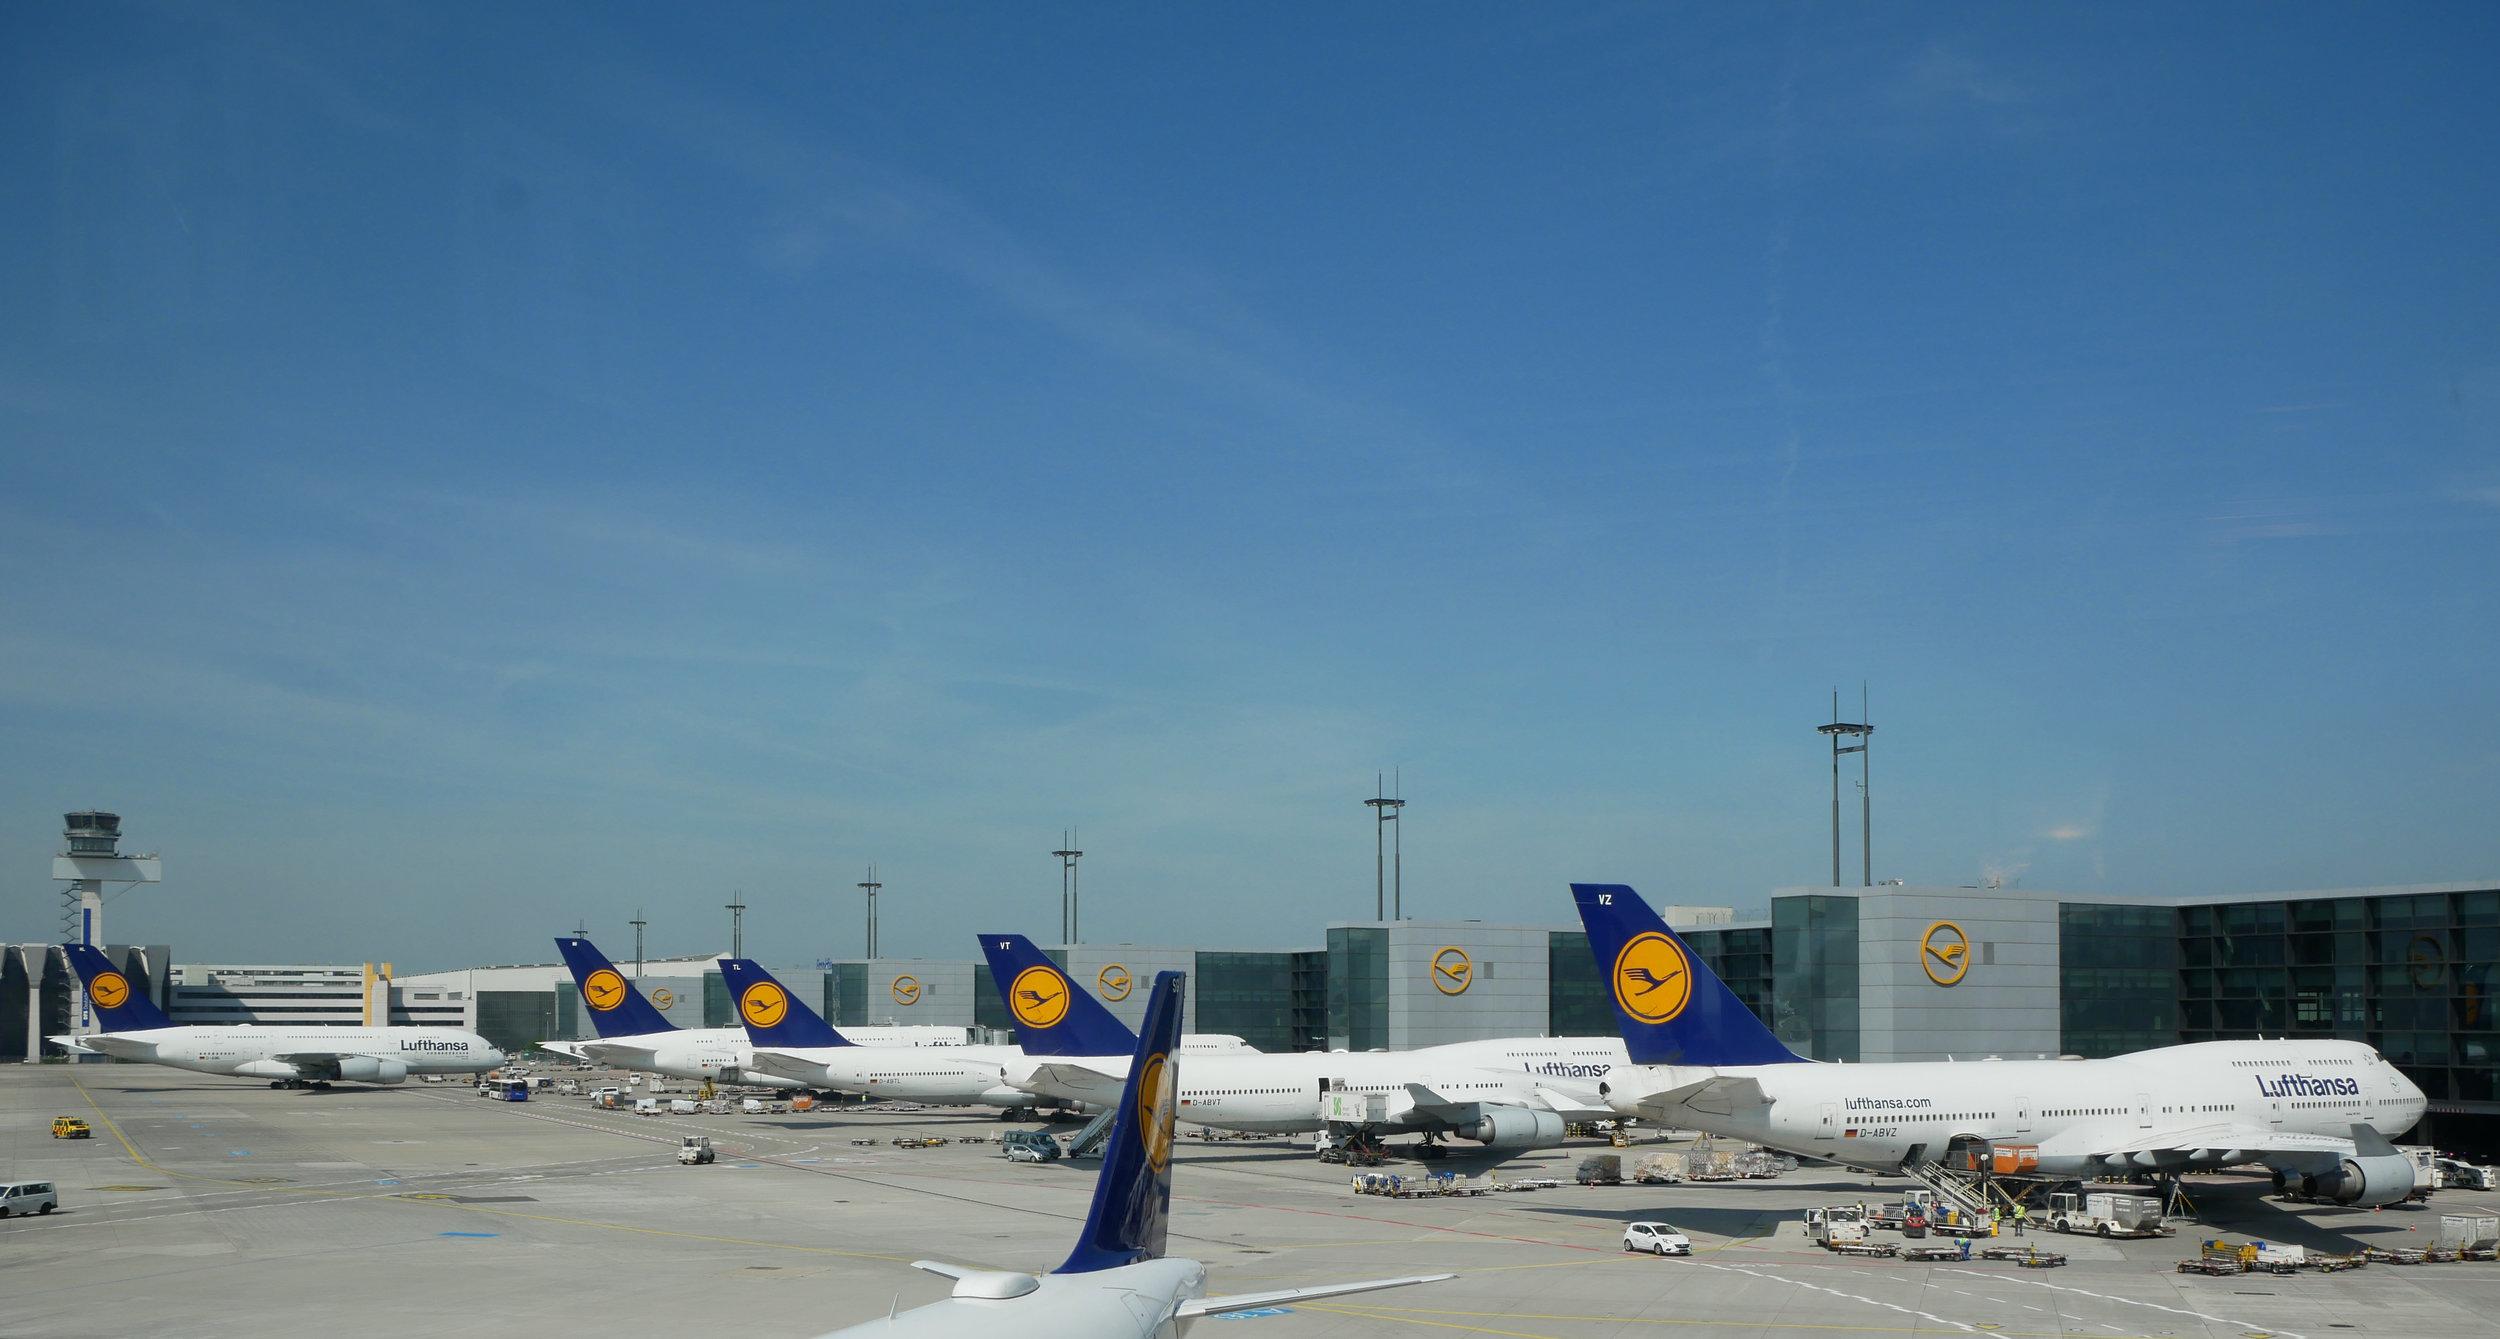 Lufthansa FRA tails